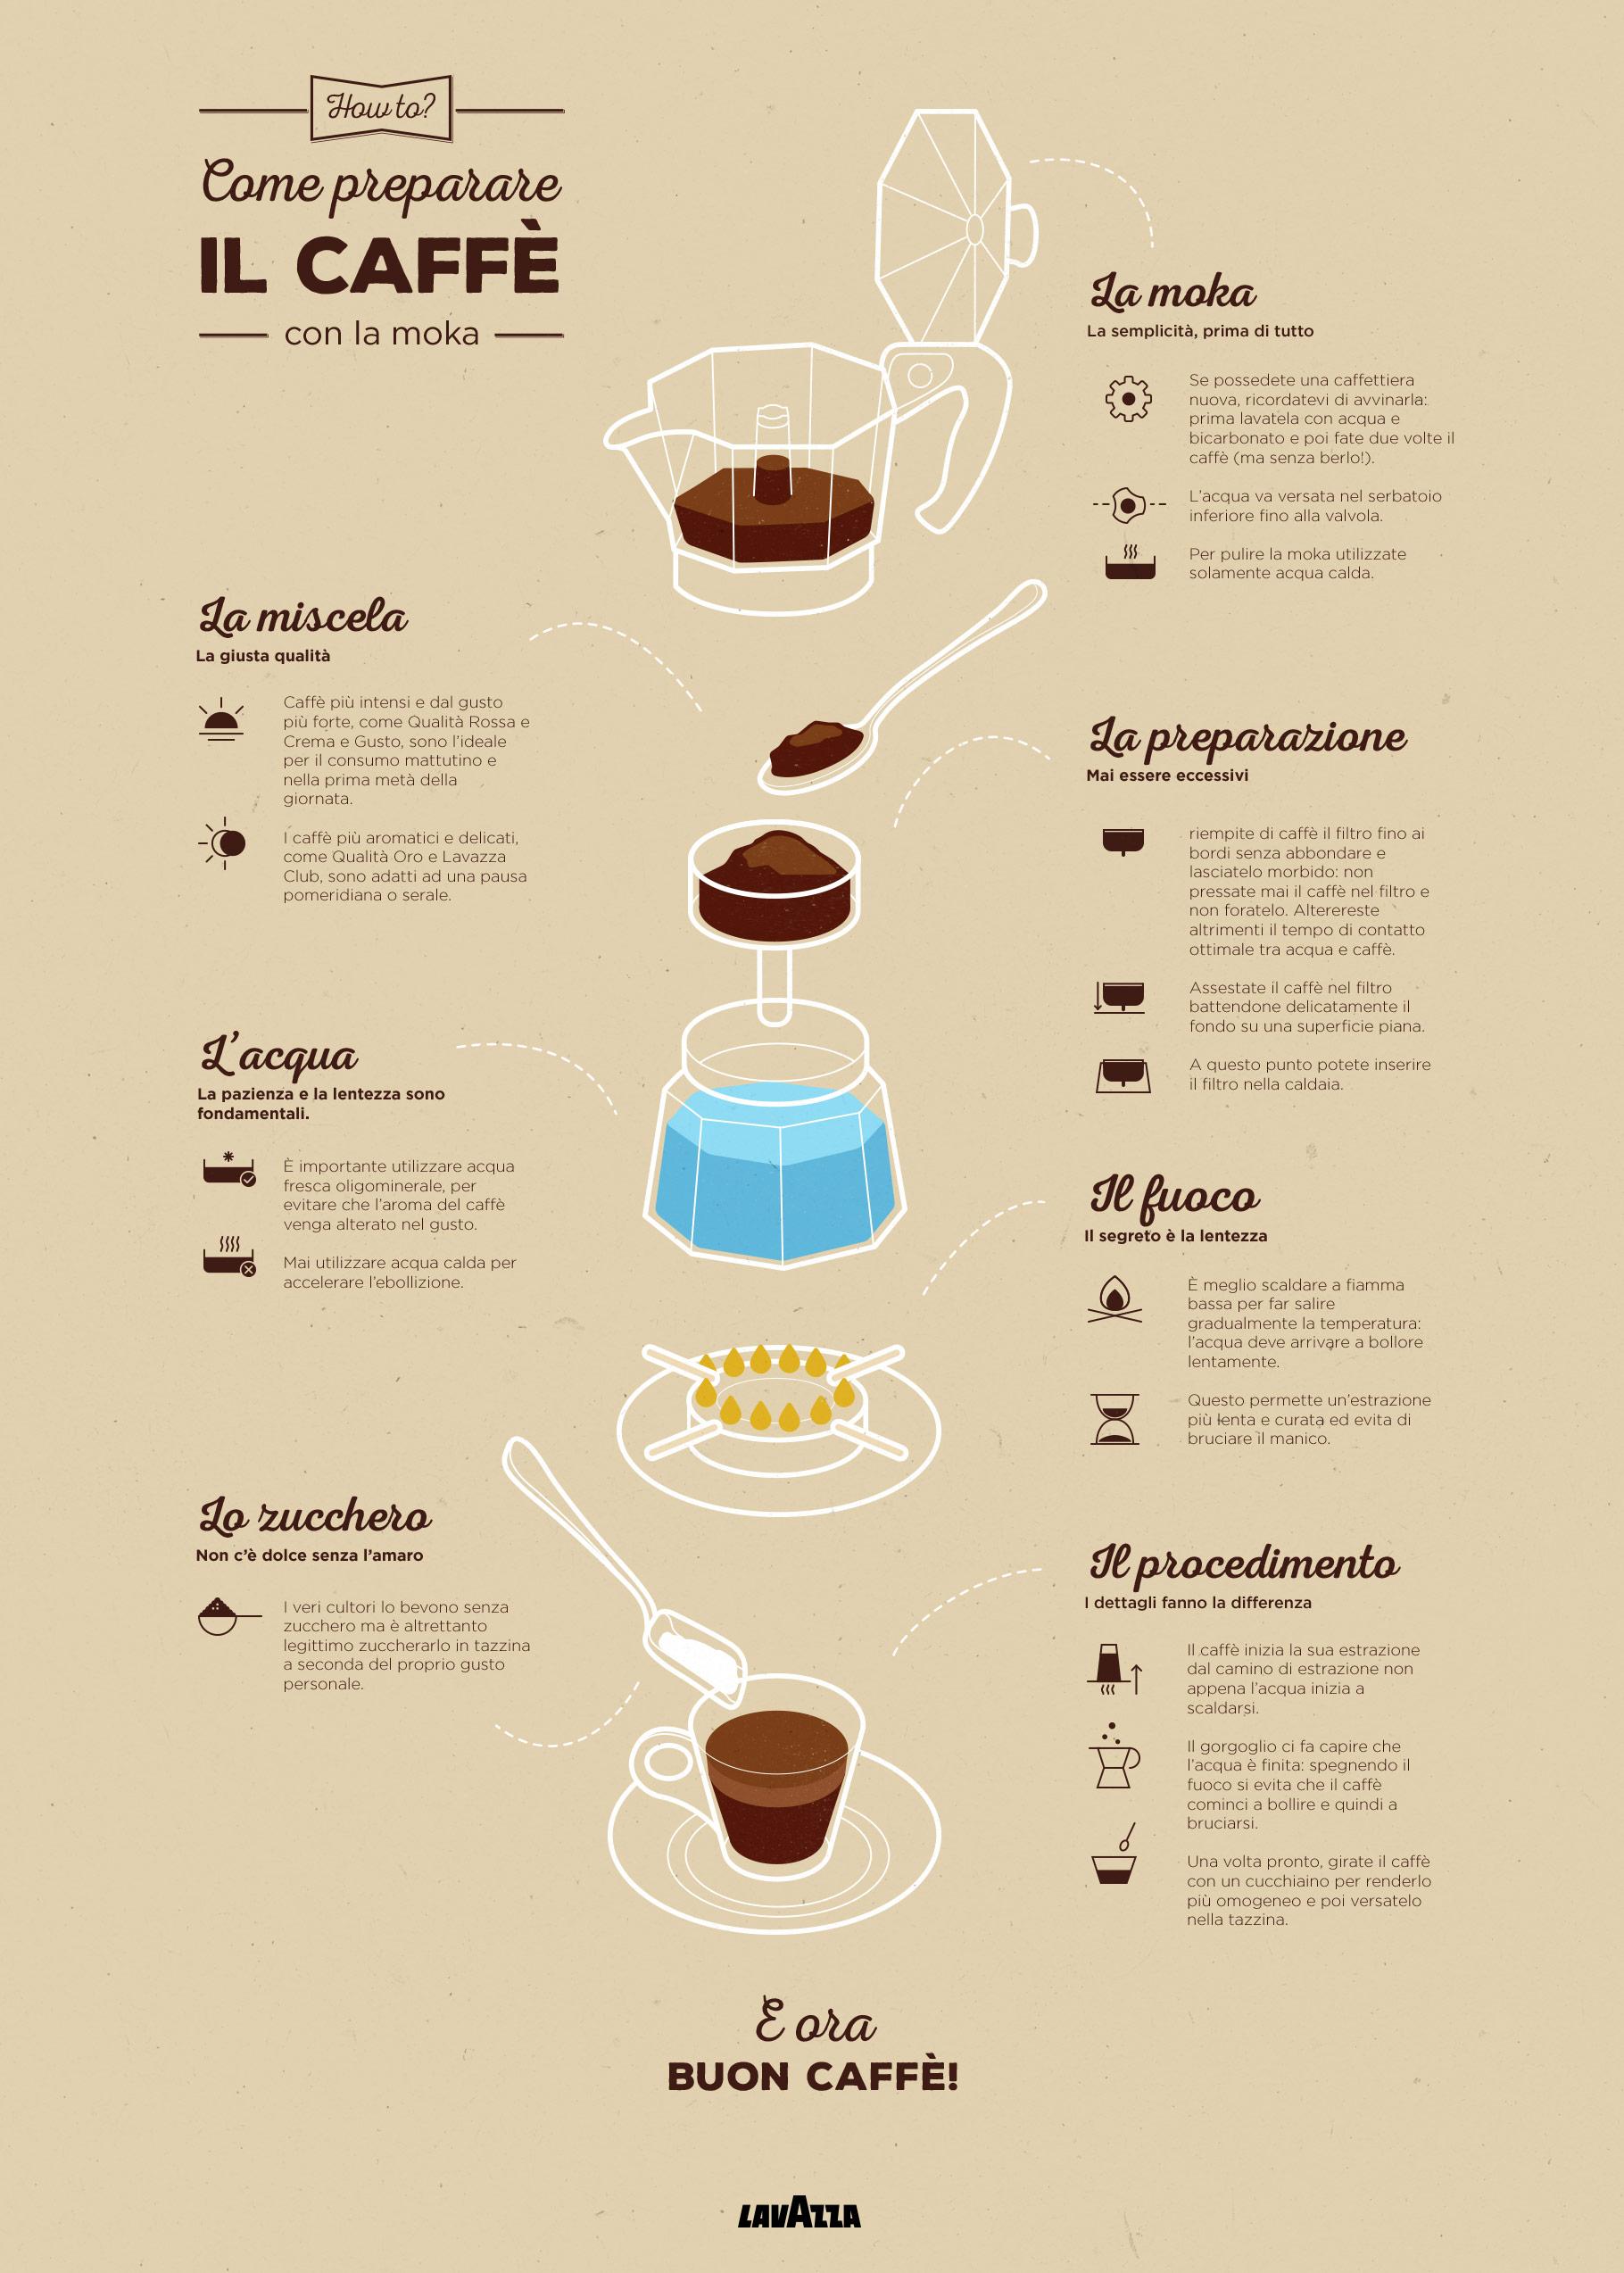 Lavazza: Come Raggiungere lo Spazio con un Caffè